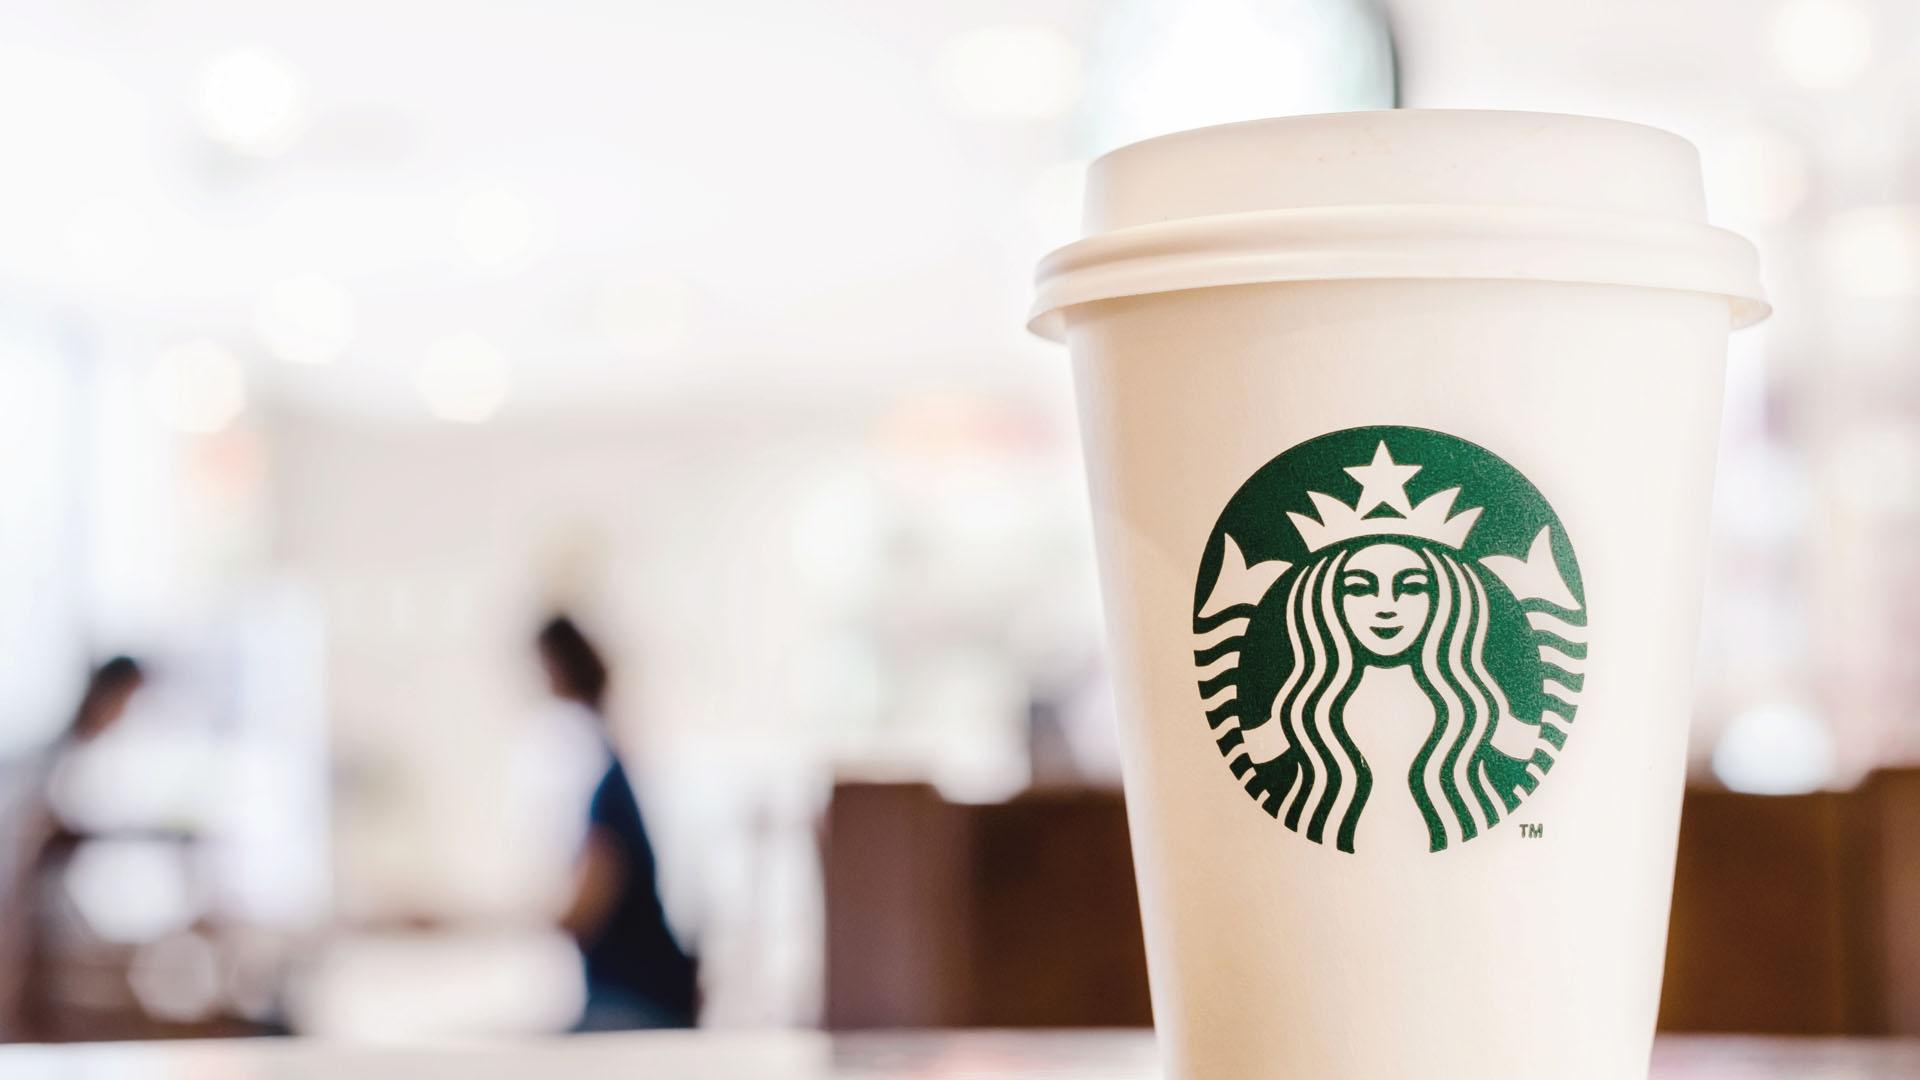 O que podemos aprender com o caso de discriminação da Starbucks